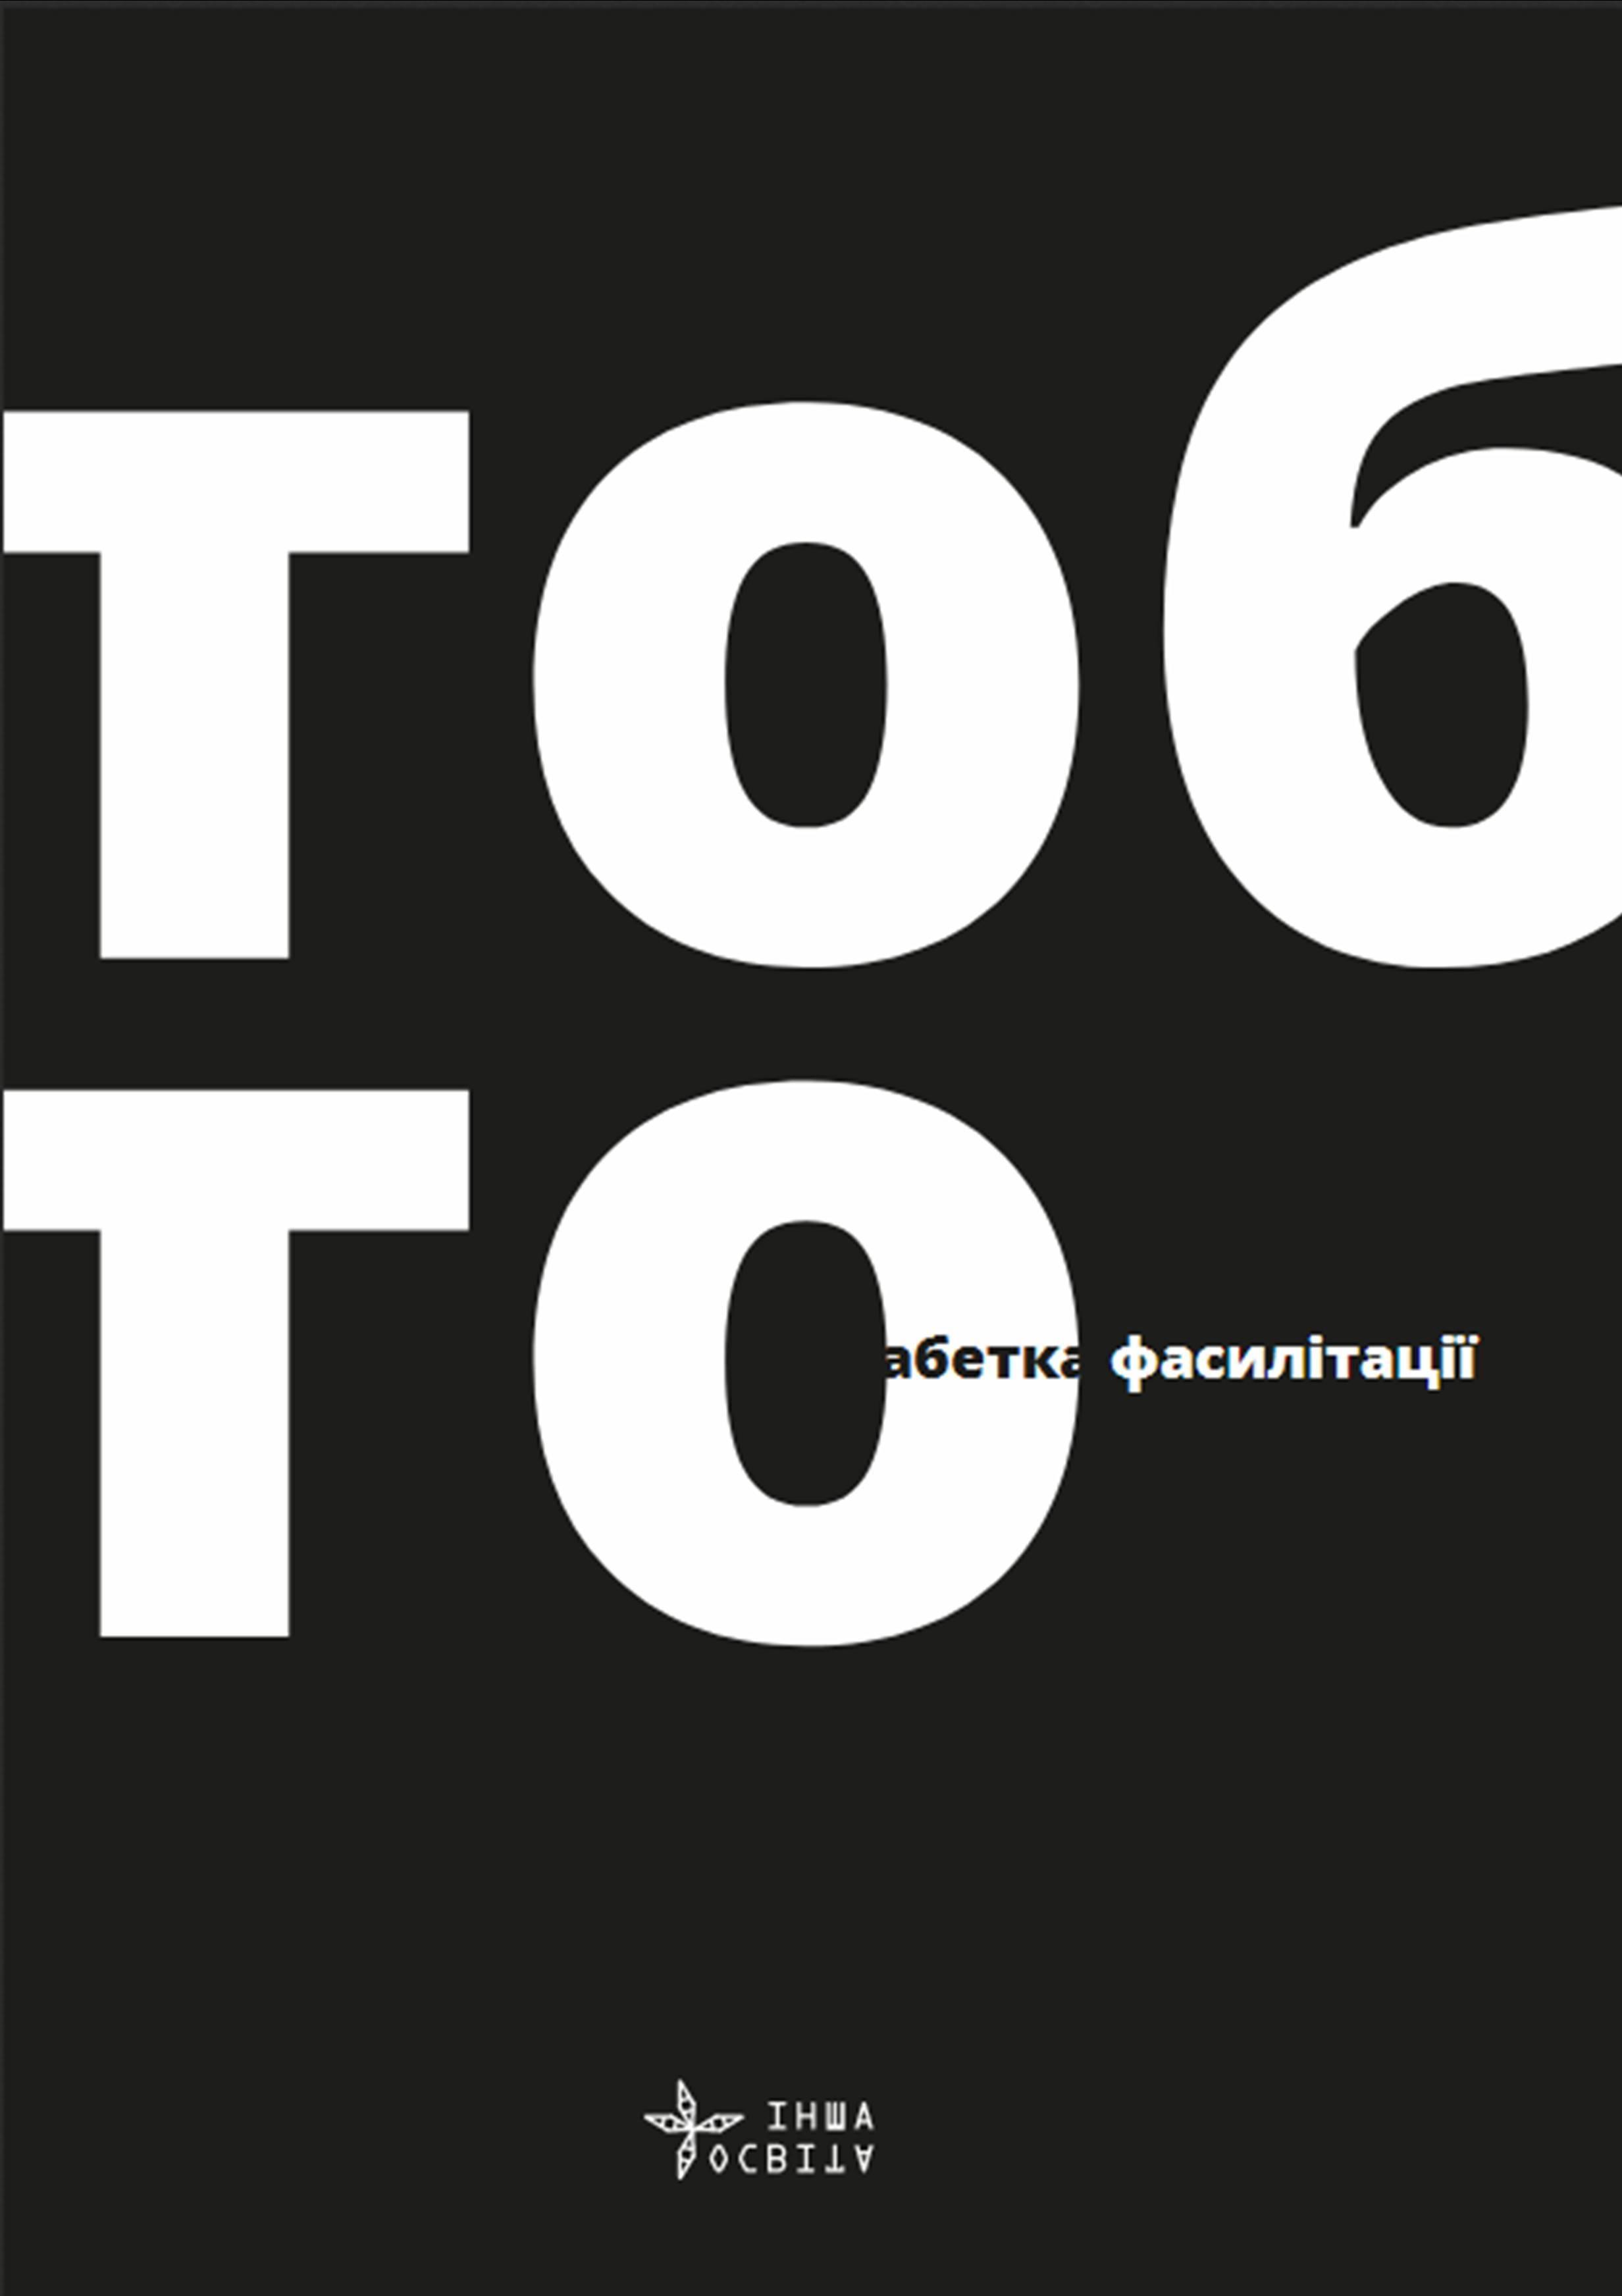 """""""ТОБТО"""": абетка неформальної освіти, фасилітації і тренерства"""